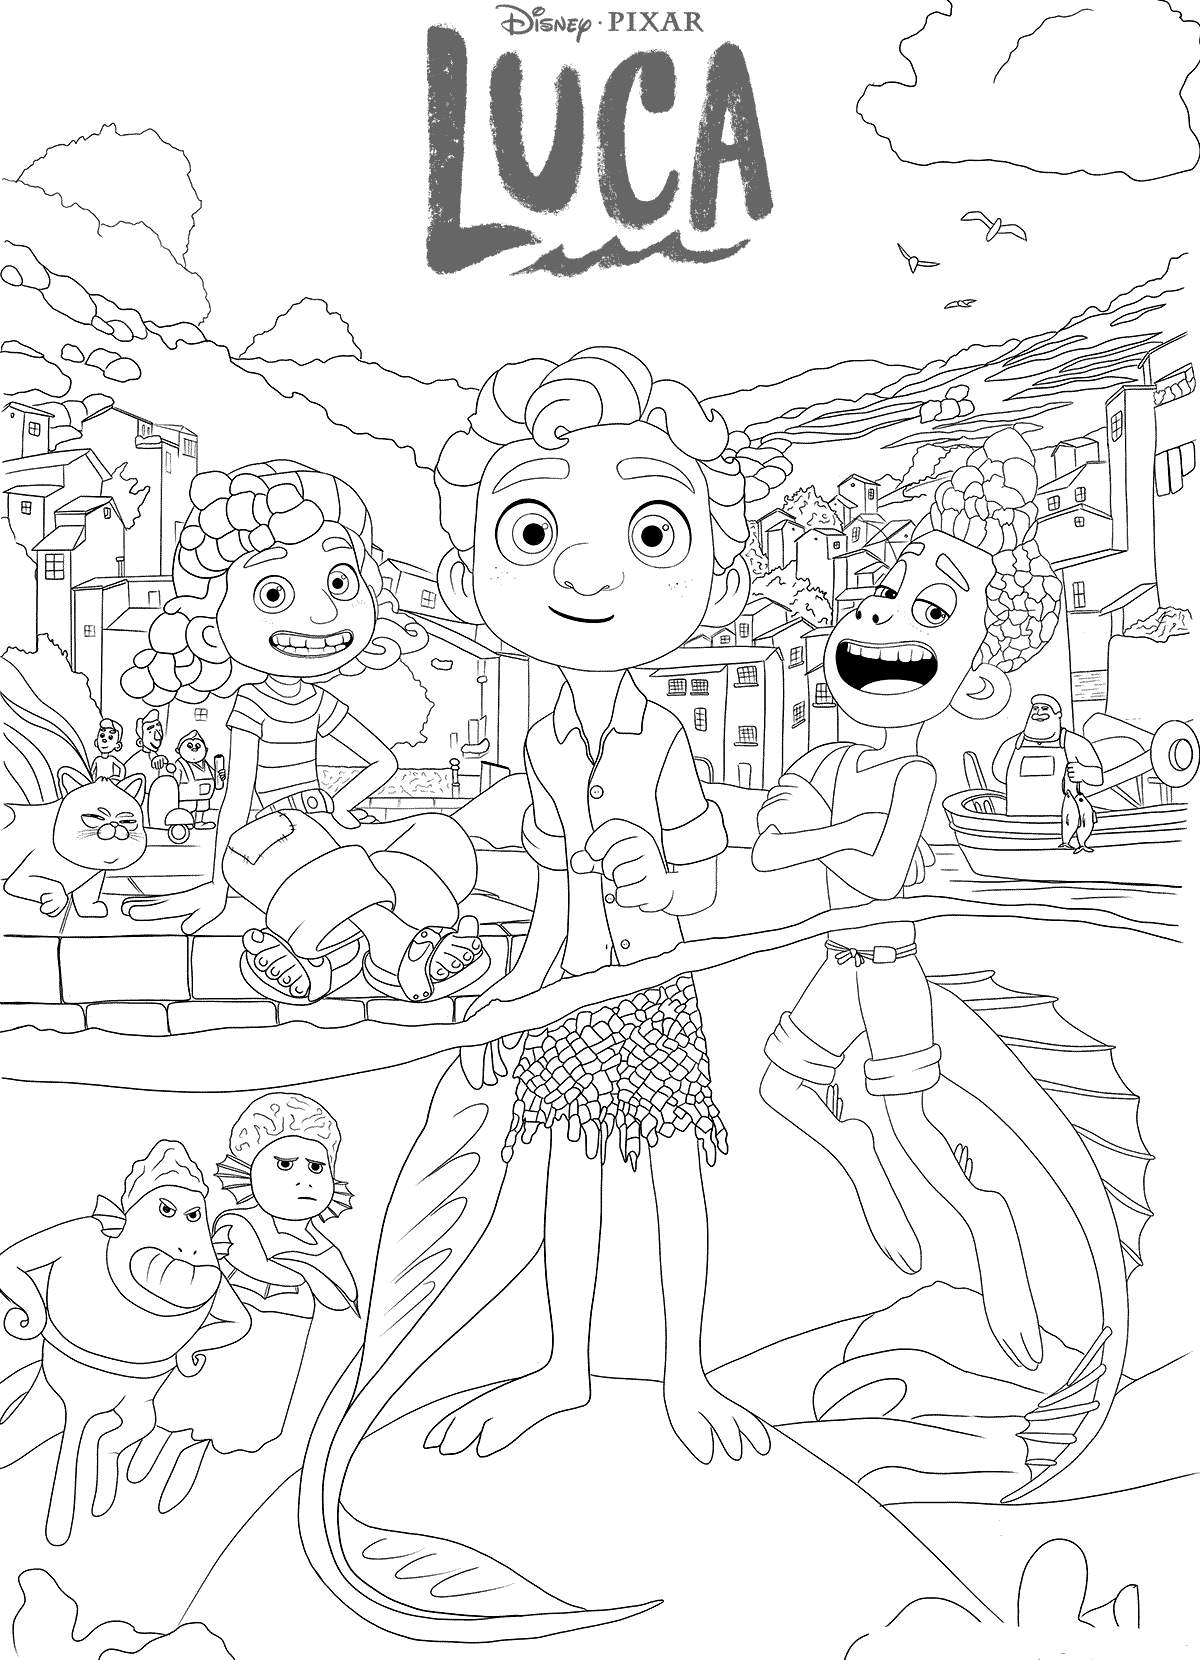 Desenho de Luca, o filme da Disney Pixar para colorir